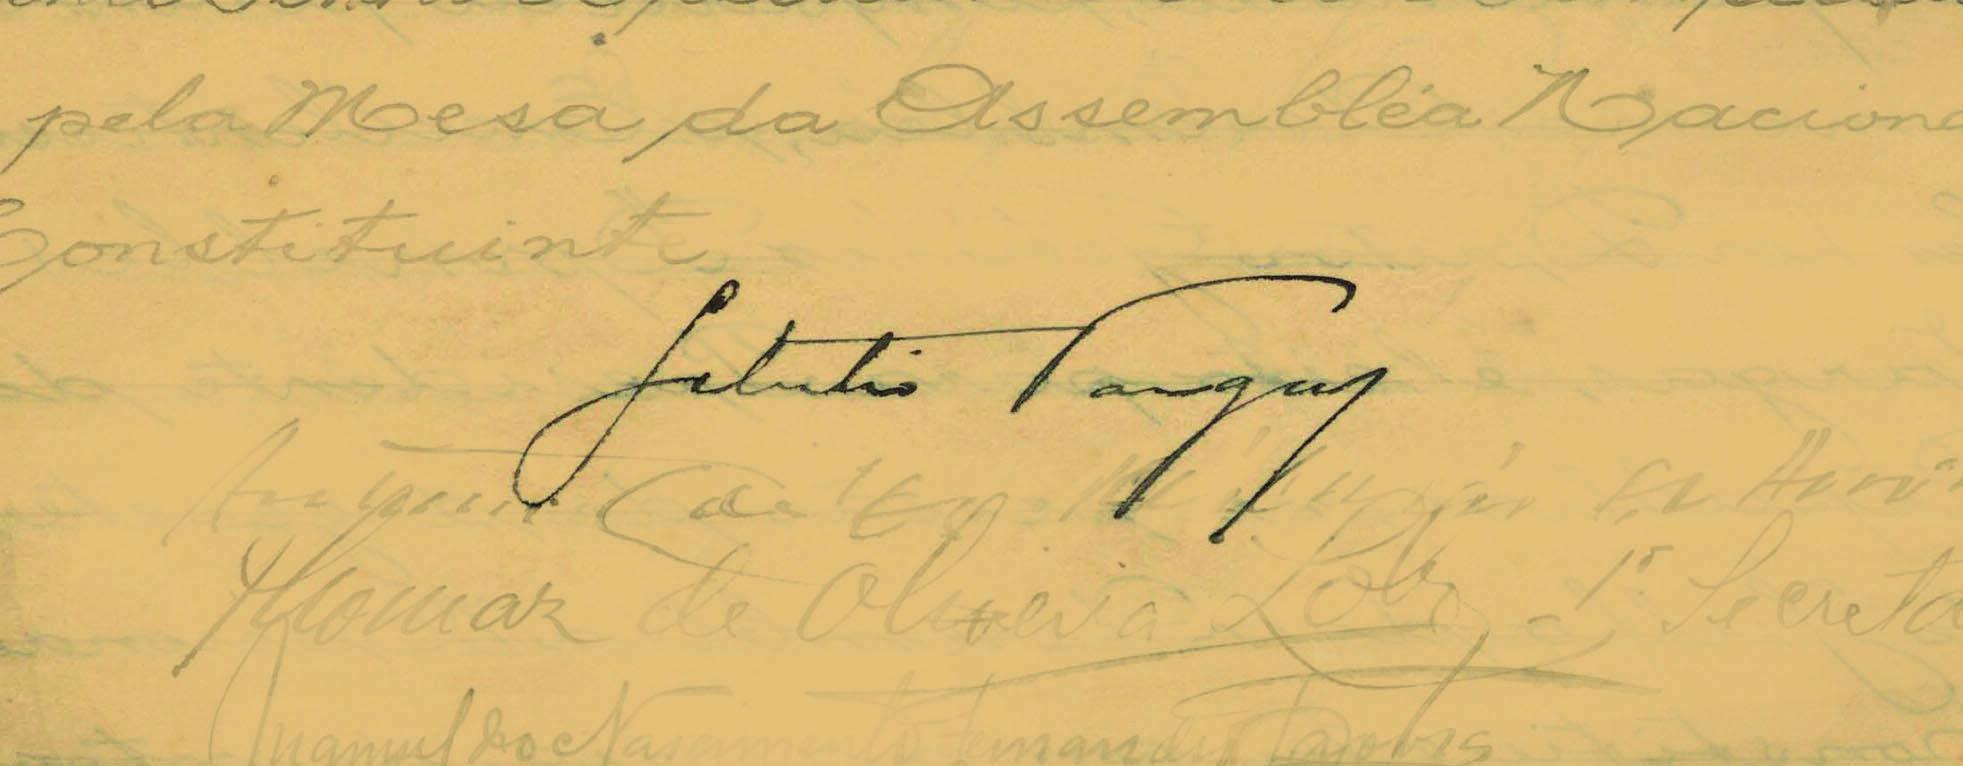 Getúlio Vargas tomou o poder em 1930, mas só assinou o Termo em 1934, ao ser eleito presidente pelo Parlamento. Foto: Reprodução / Senado Federal